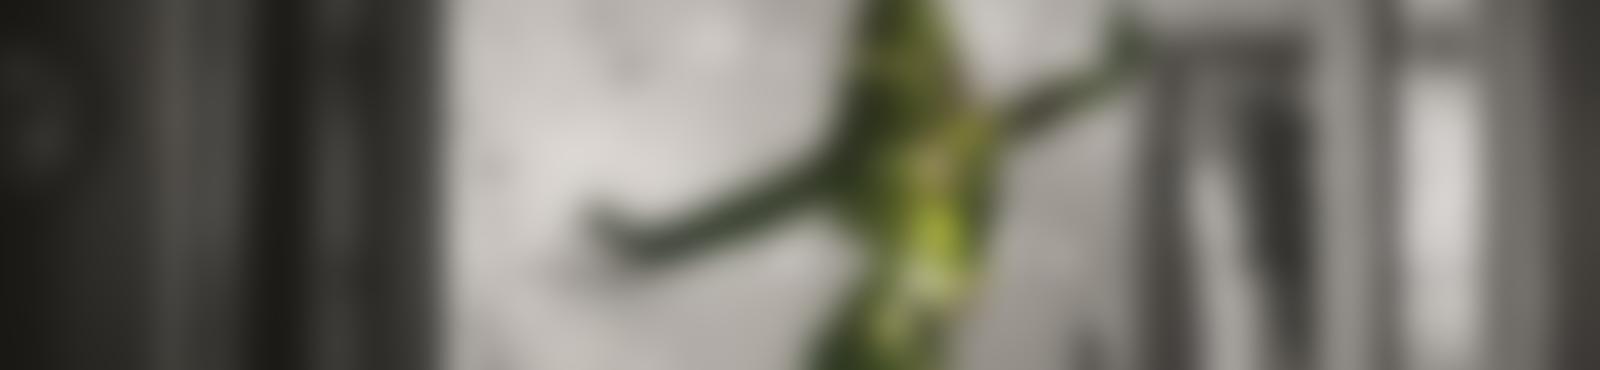 Blurred 535ccf0a 8d45 47fc 949e edeef0619096